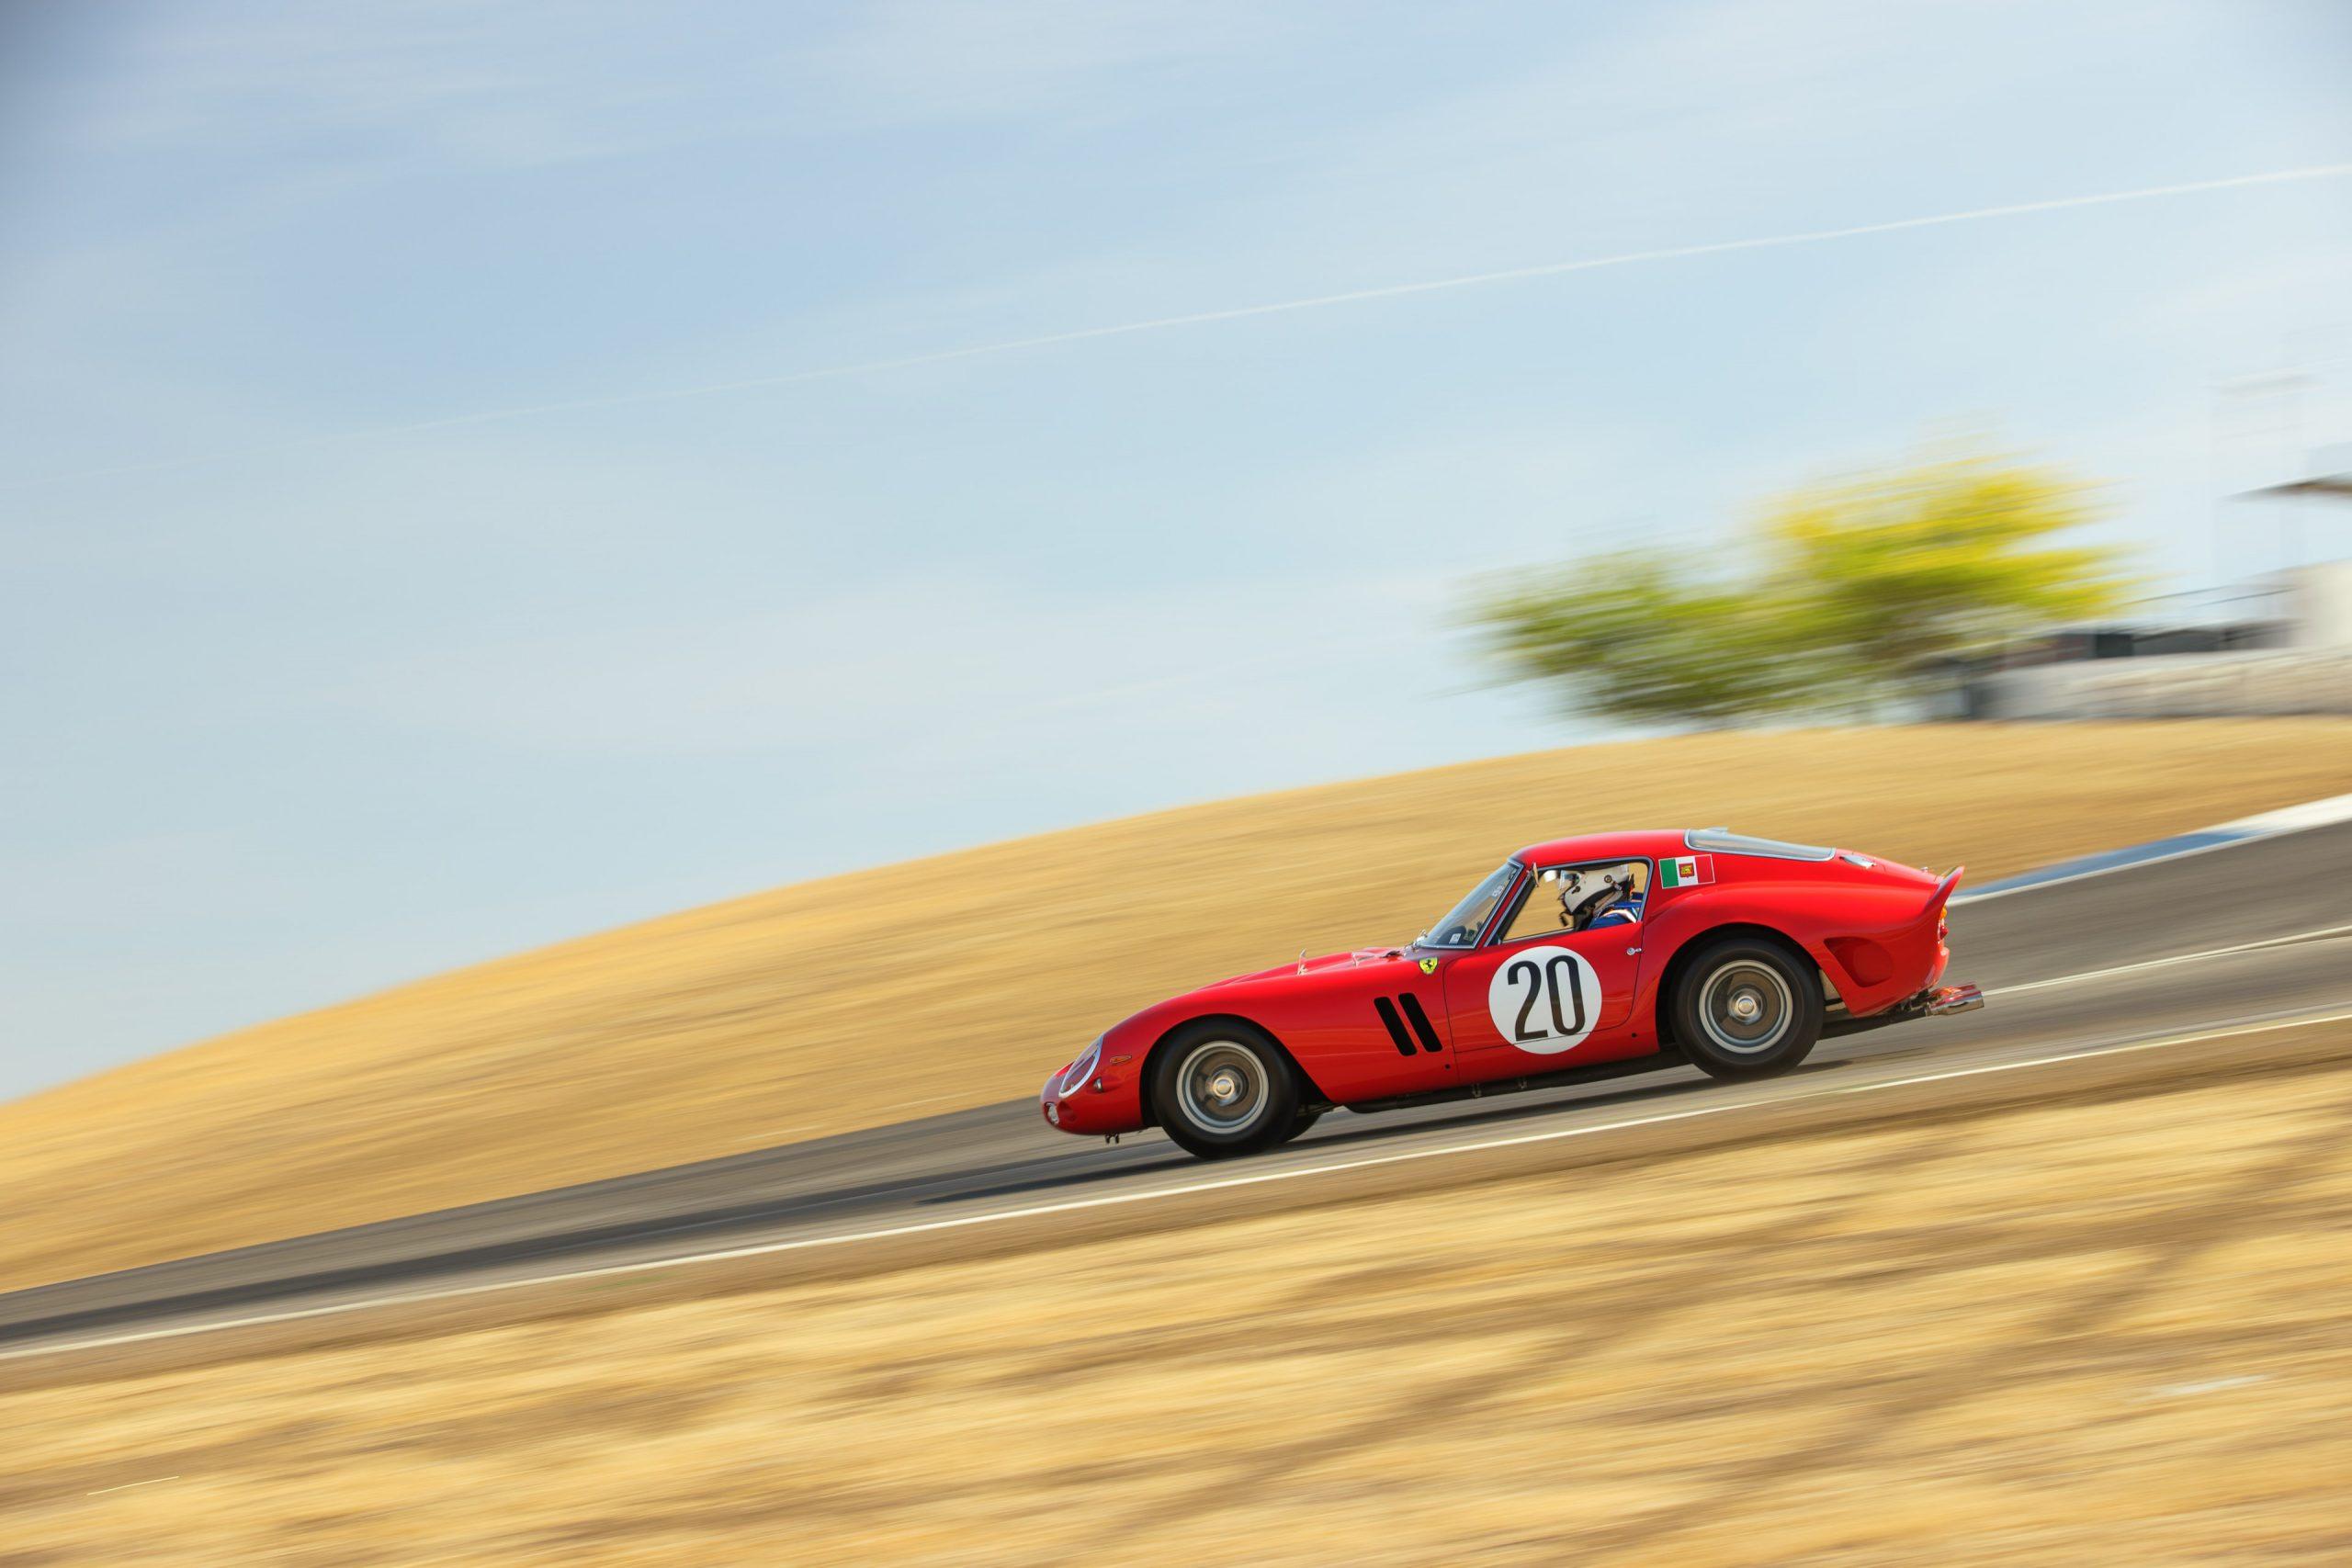 Thunderhill Ferrari track action side